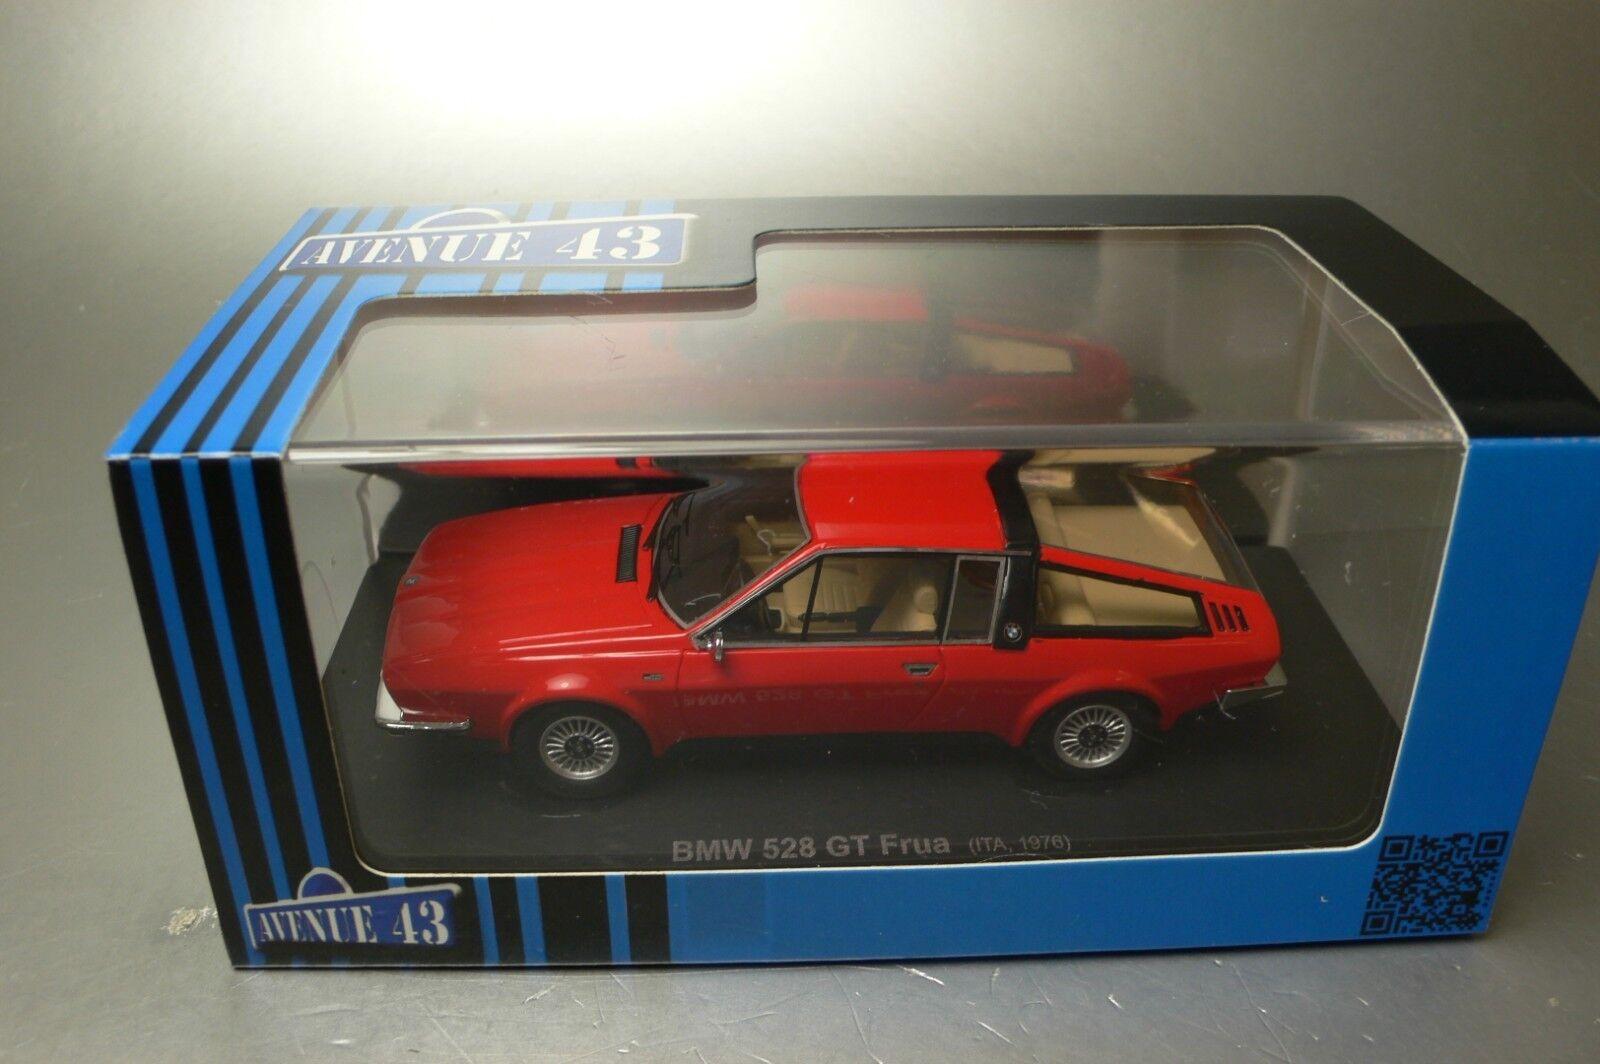 muchas concesiones BMW 528 GT FRUA     ITA 1976  Avenue 43  edition 2018 no 60014  1 43  Mejor precio